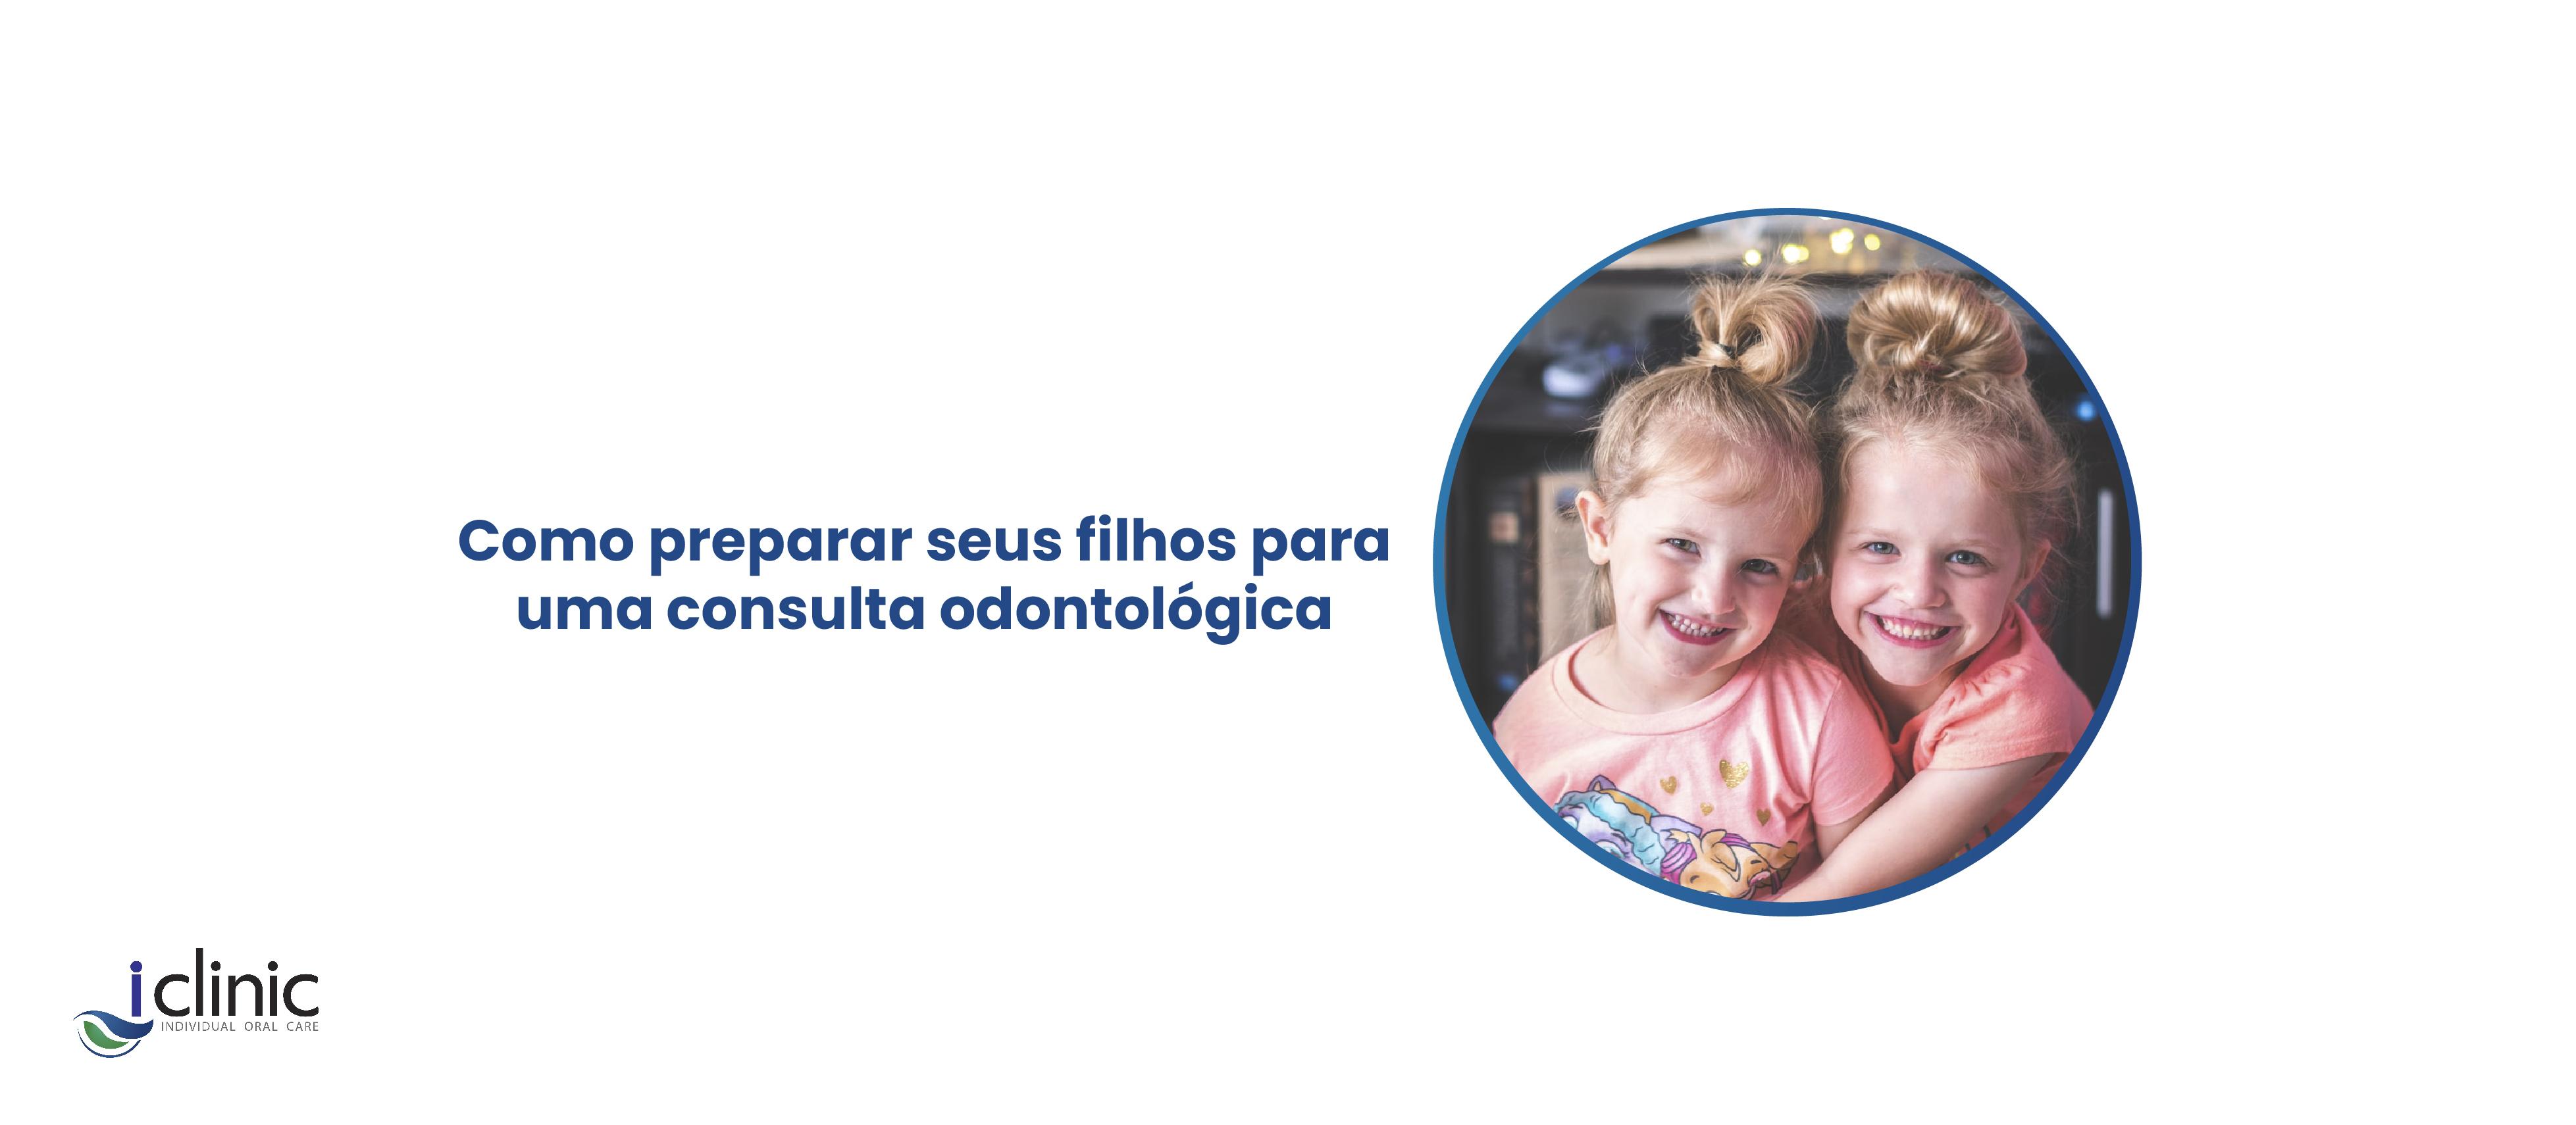 como-preparar-seus-filhos-para-uma-consulta-odontologica